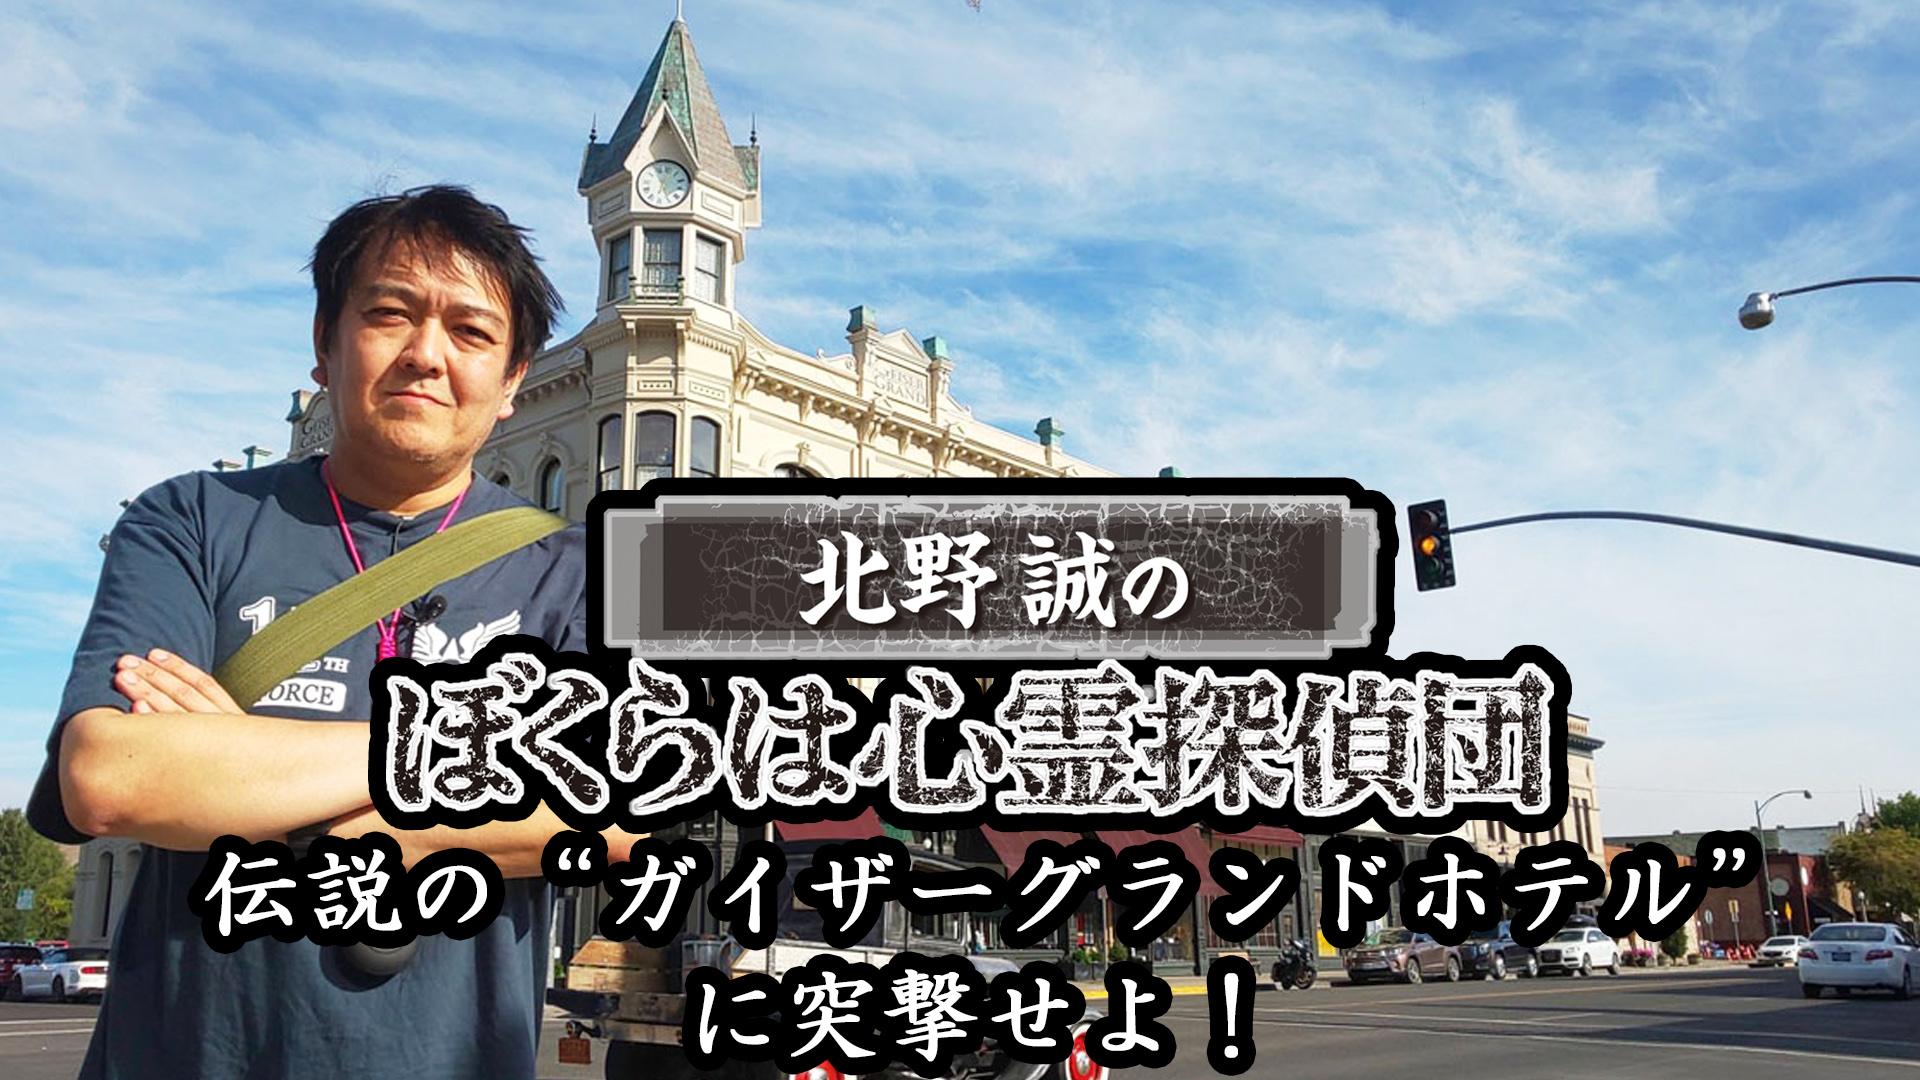 """北野誠のぼくらは心霊探偵団 伝説の""""ガイザーグランドホテル""""に突撃せよ!"""